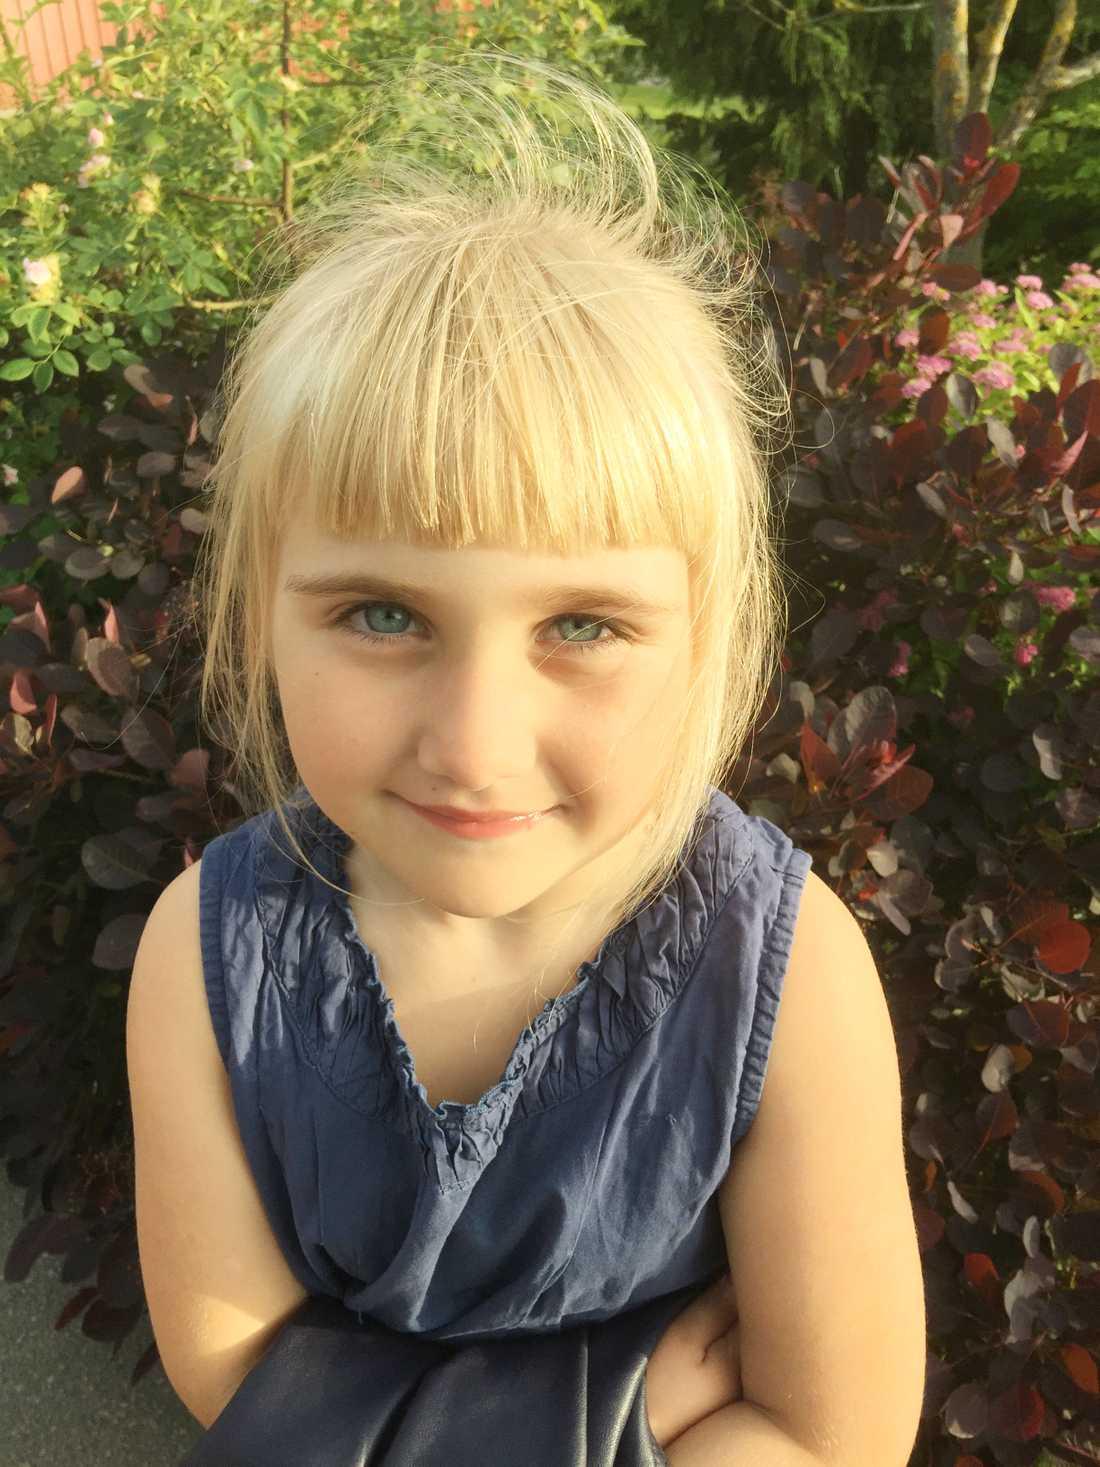 Michaela Rosberg, 7, syntolkar åt sin storasyster.